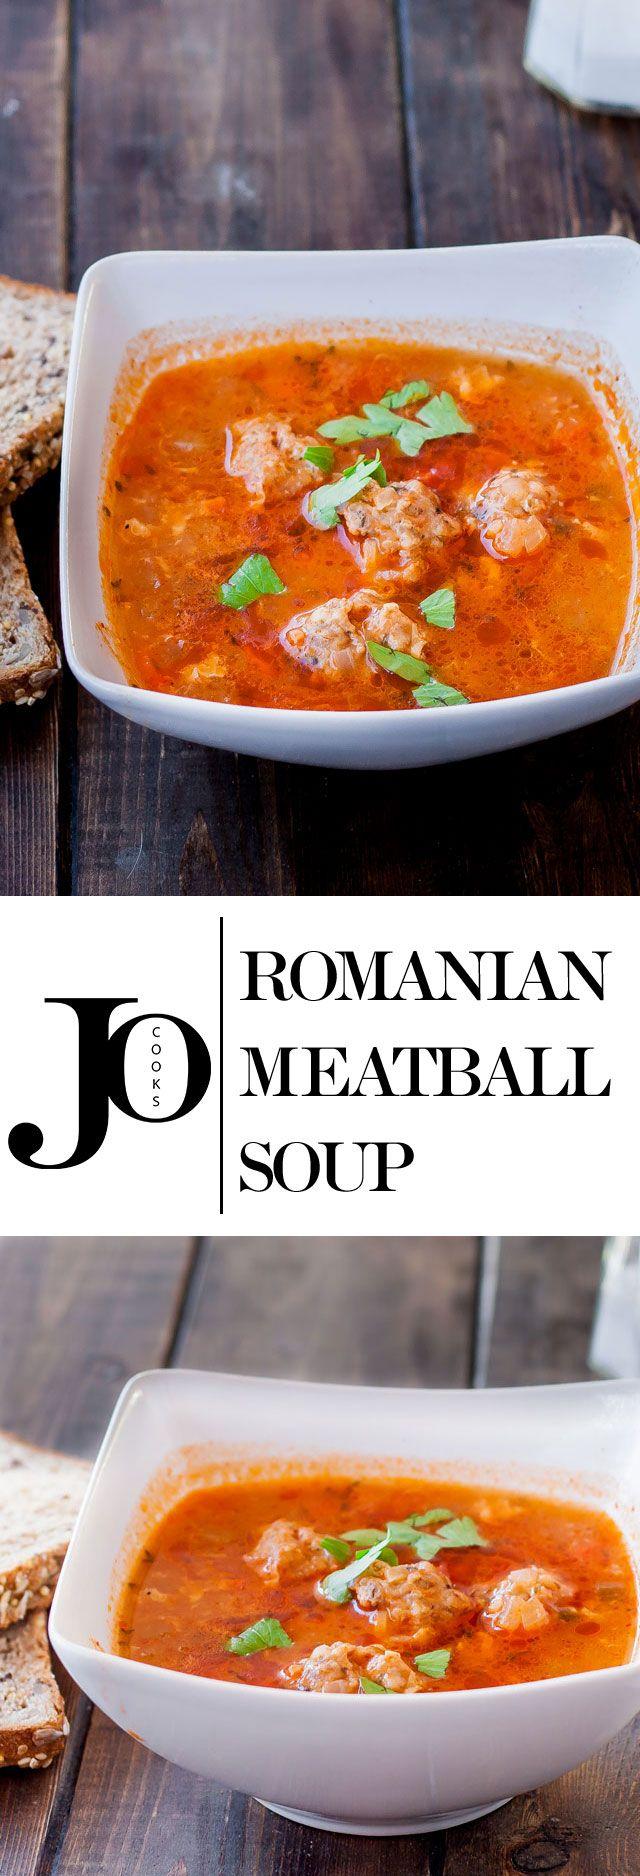 Romanian Meatball Soup (Ciorba de Perisoare) - a traditional Romanian meatball soup.